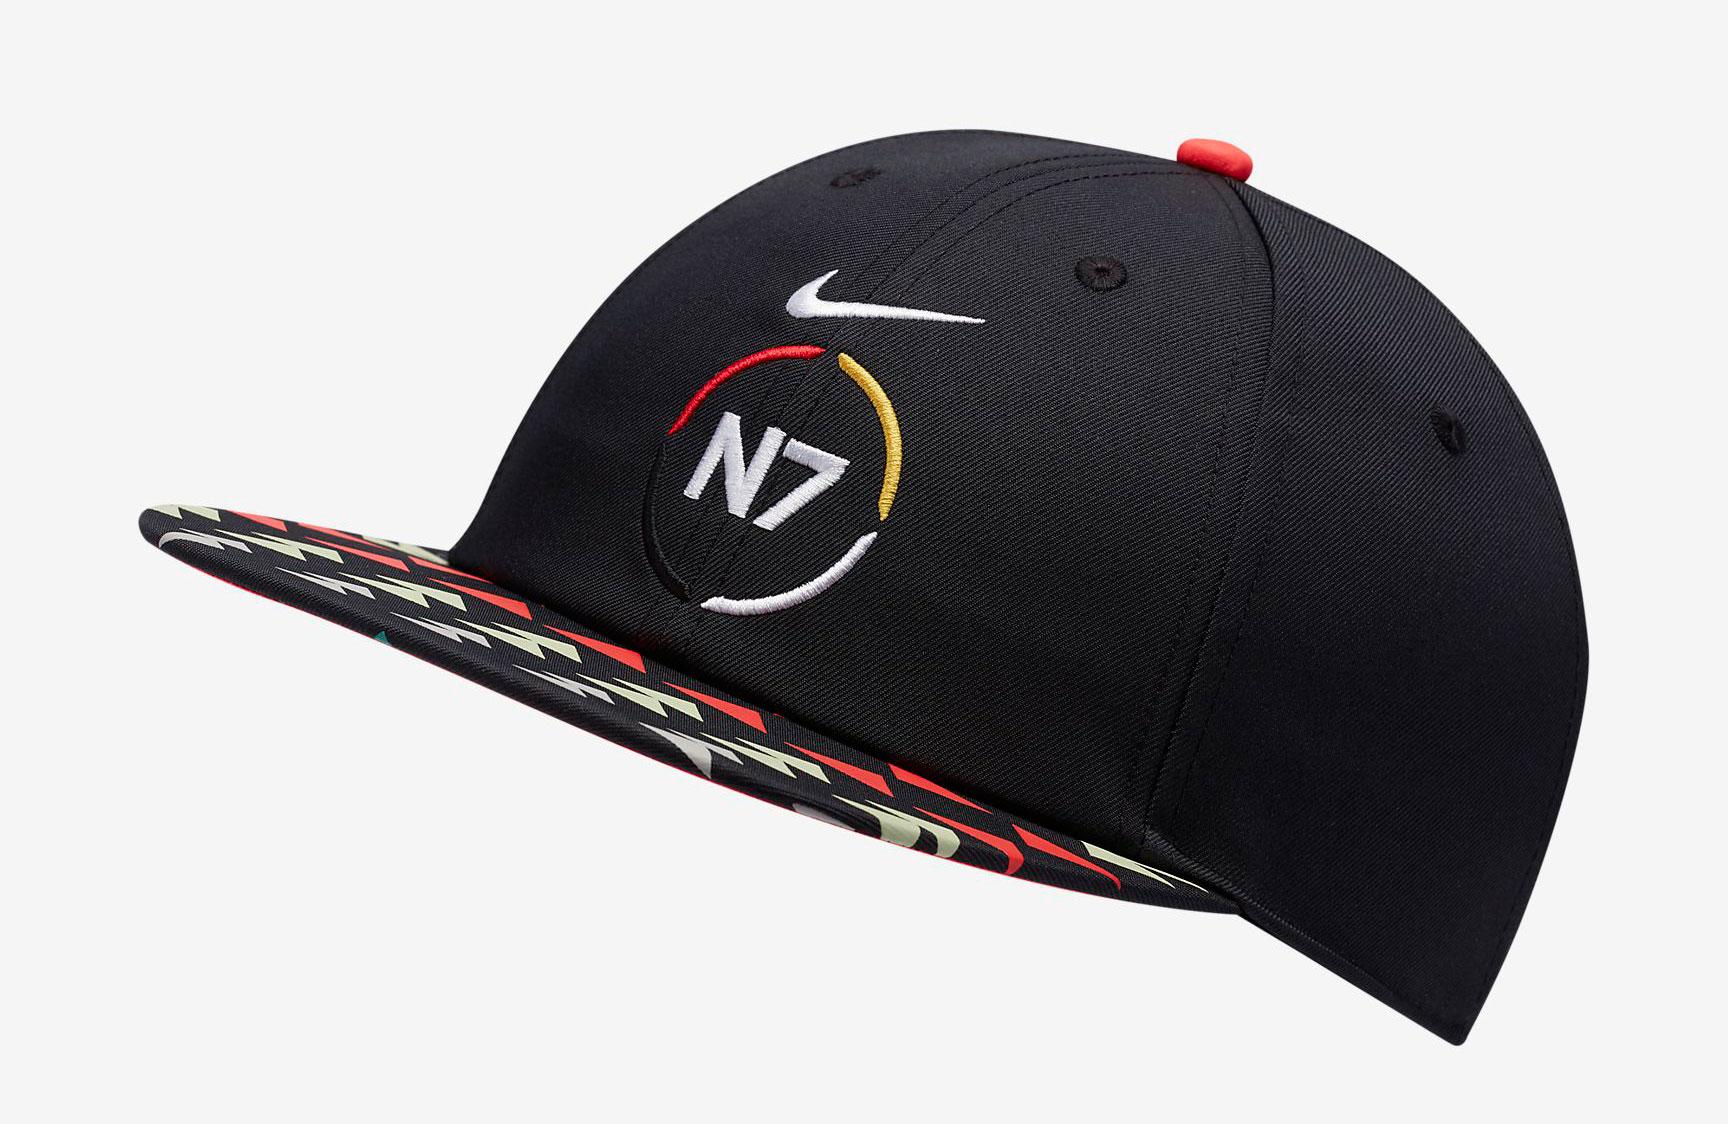 nike-n7-hat-summer-2020-1